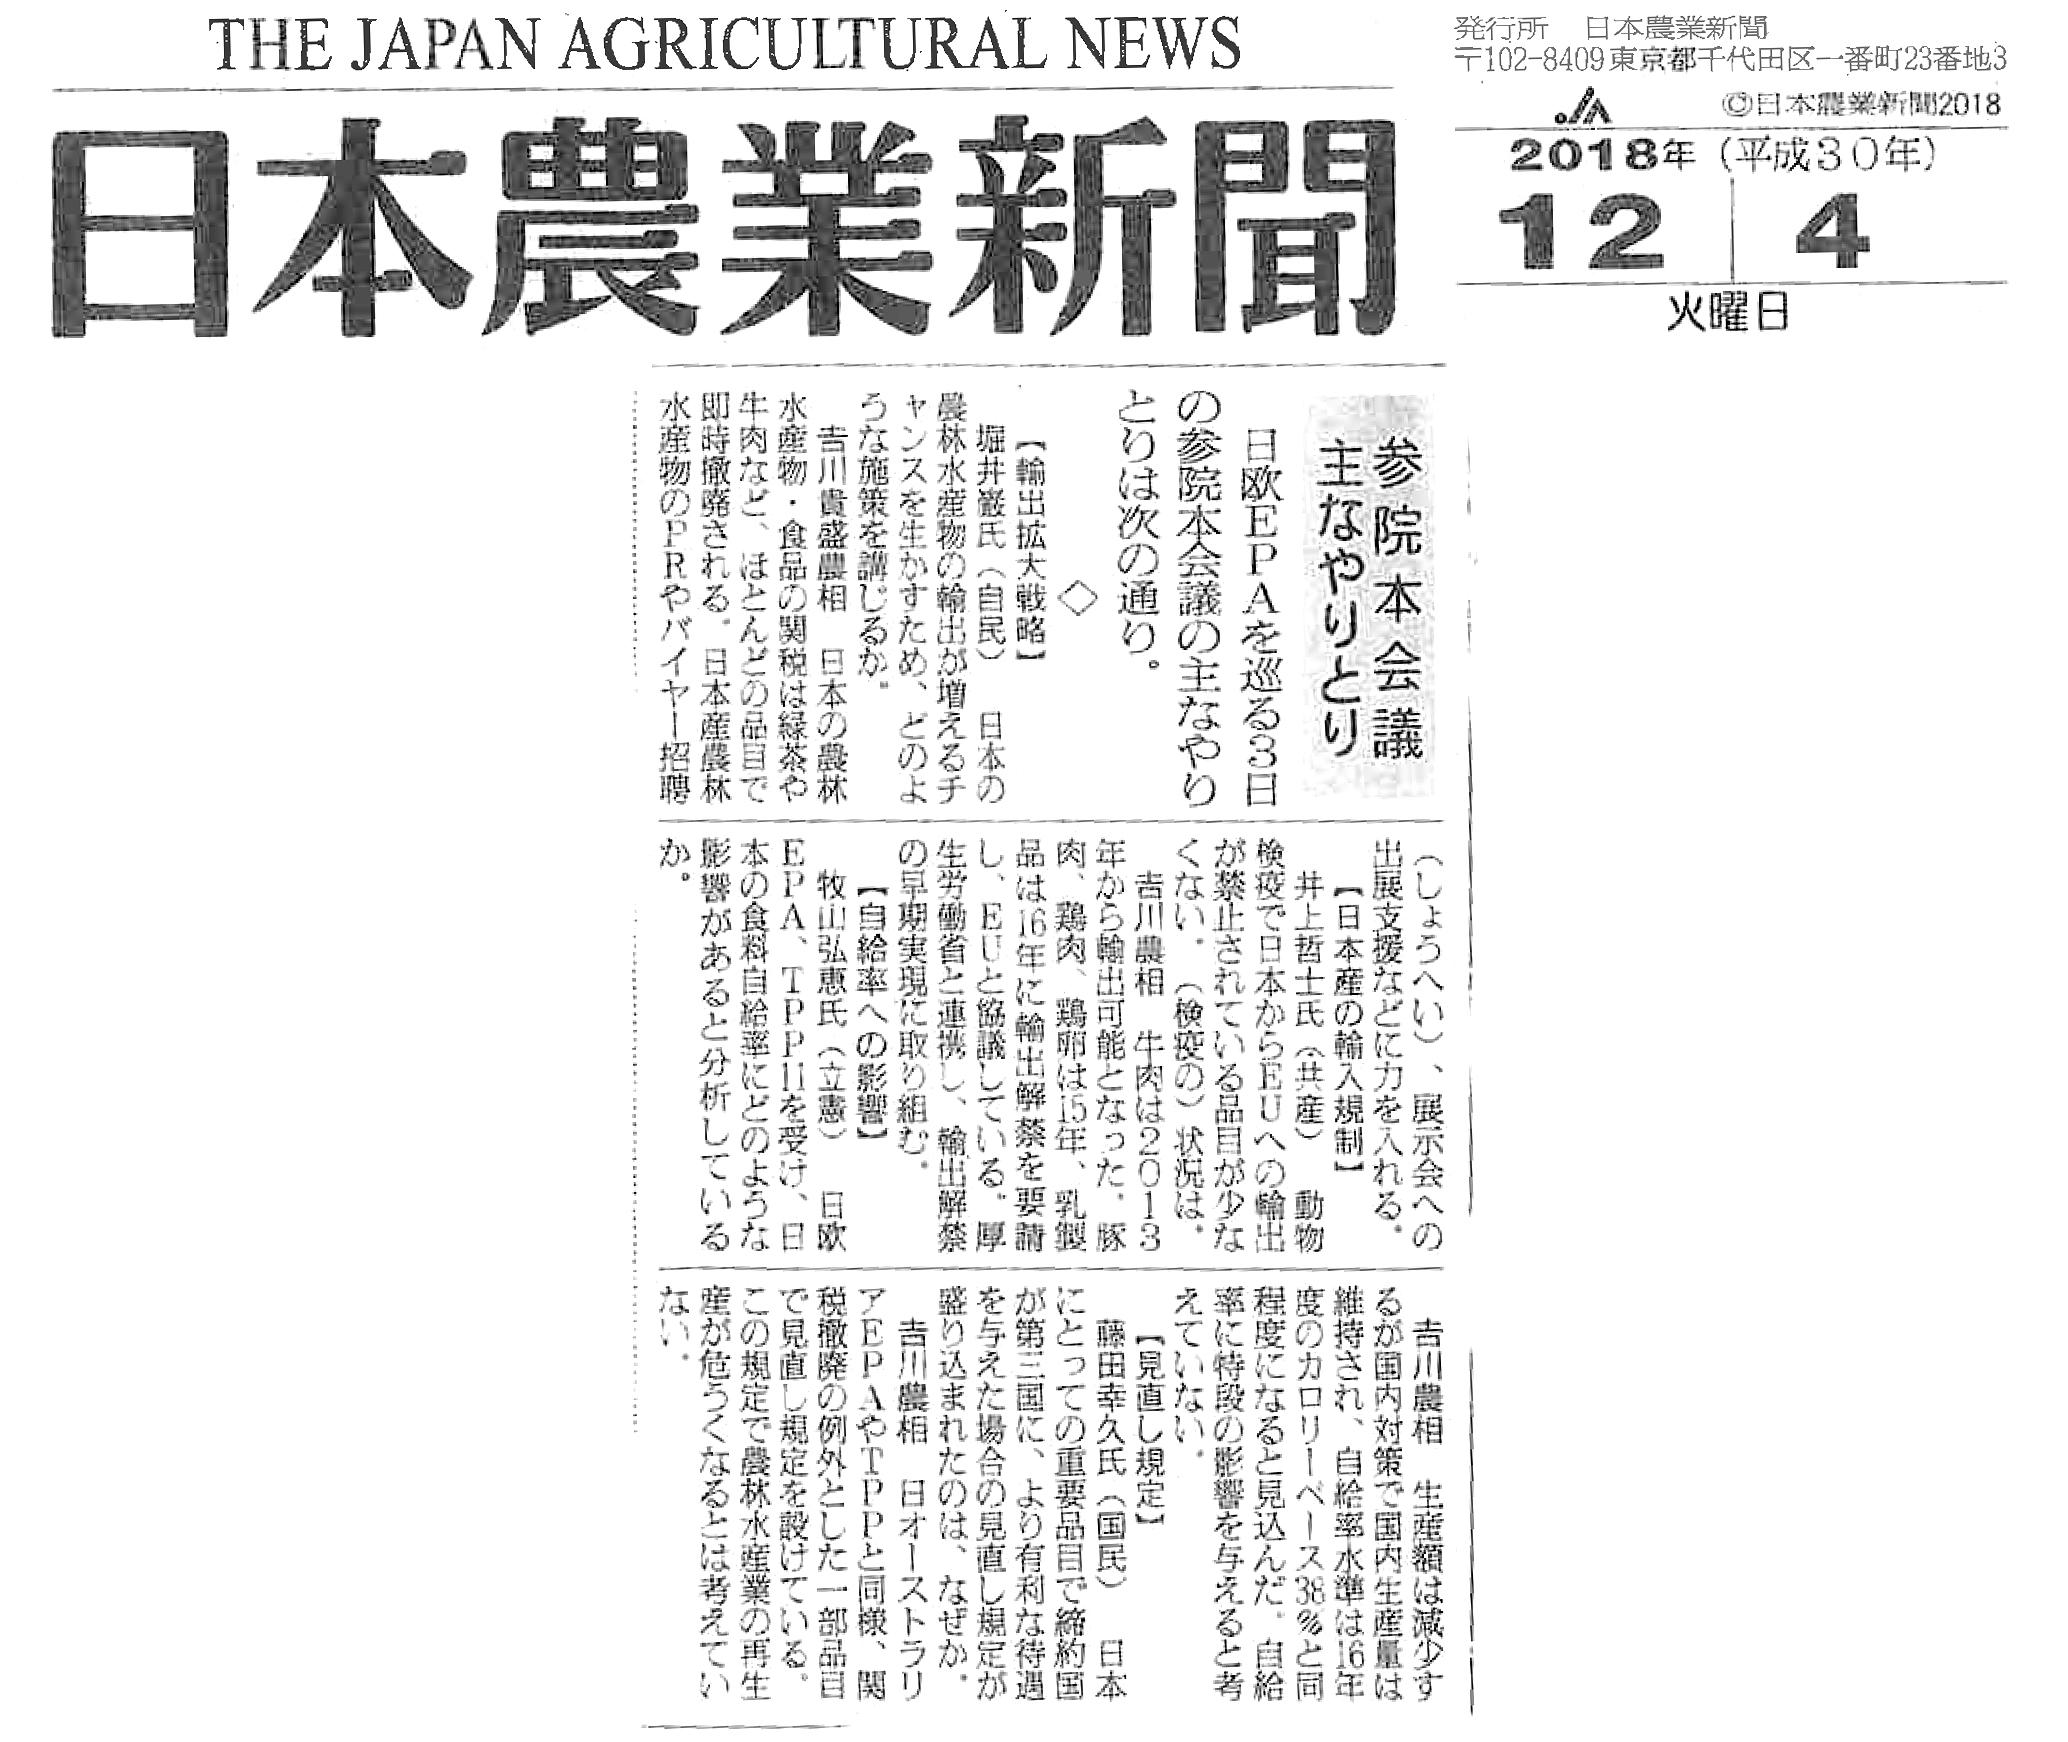 【日本農業新聞】参院本会議 主なやりとり